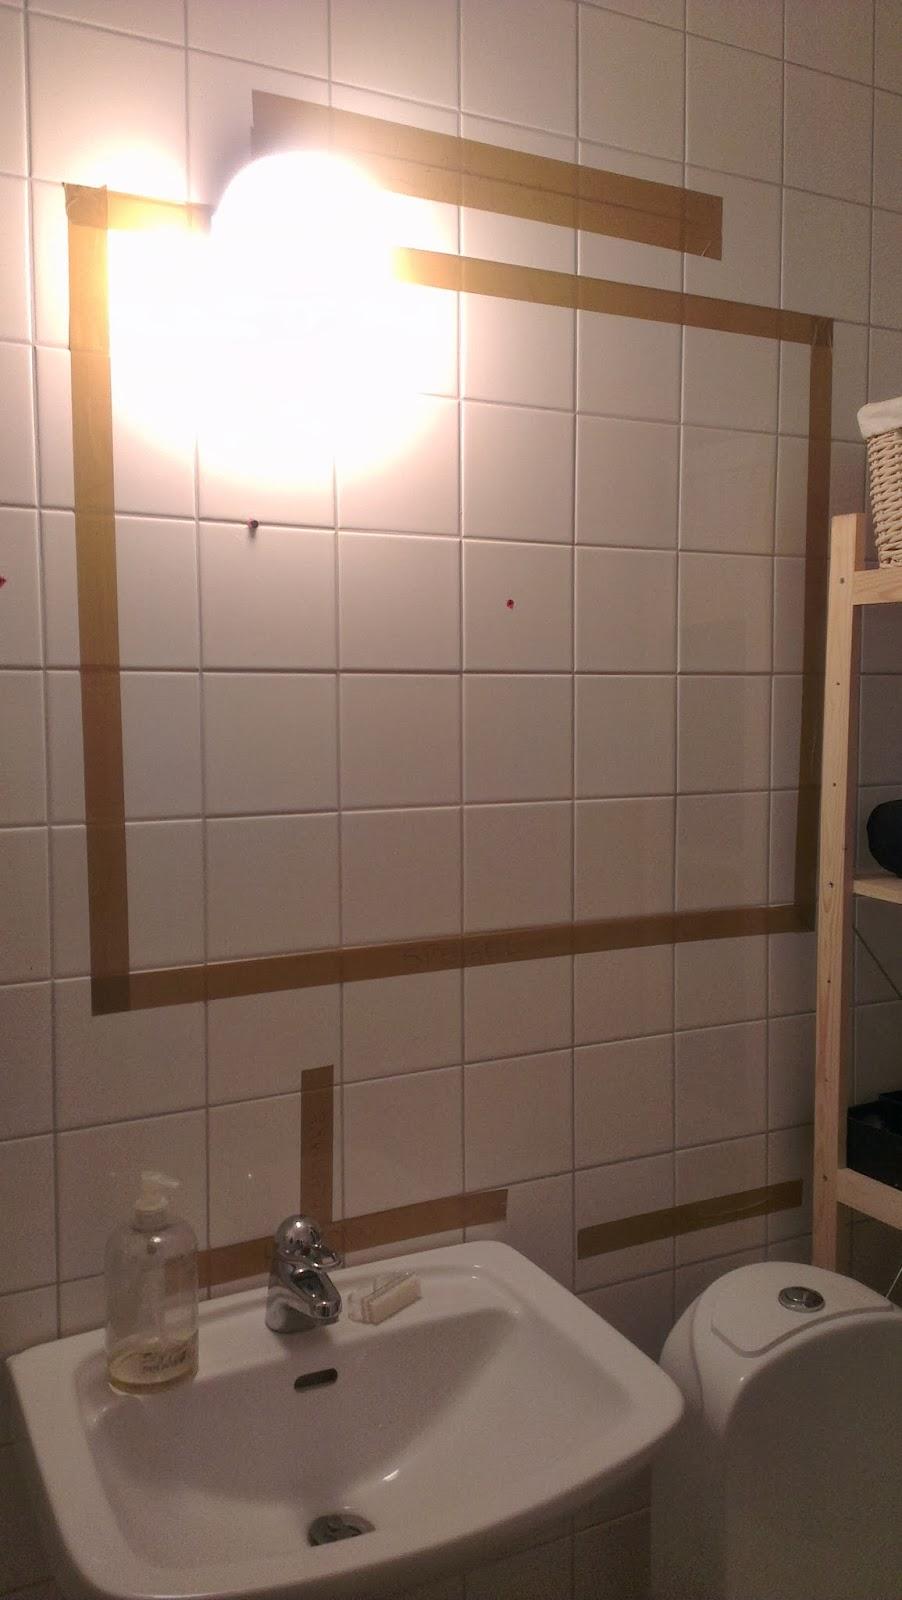 Släng dig i väggen, ernst!: badrumsplanering pågår